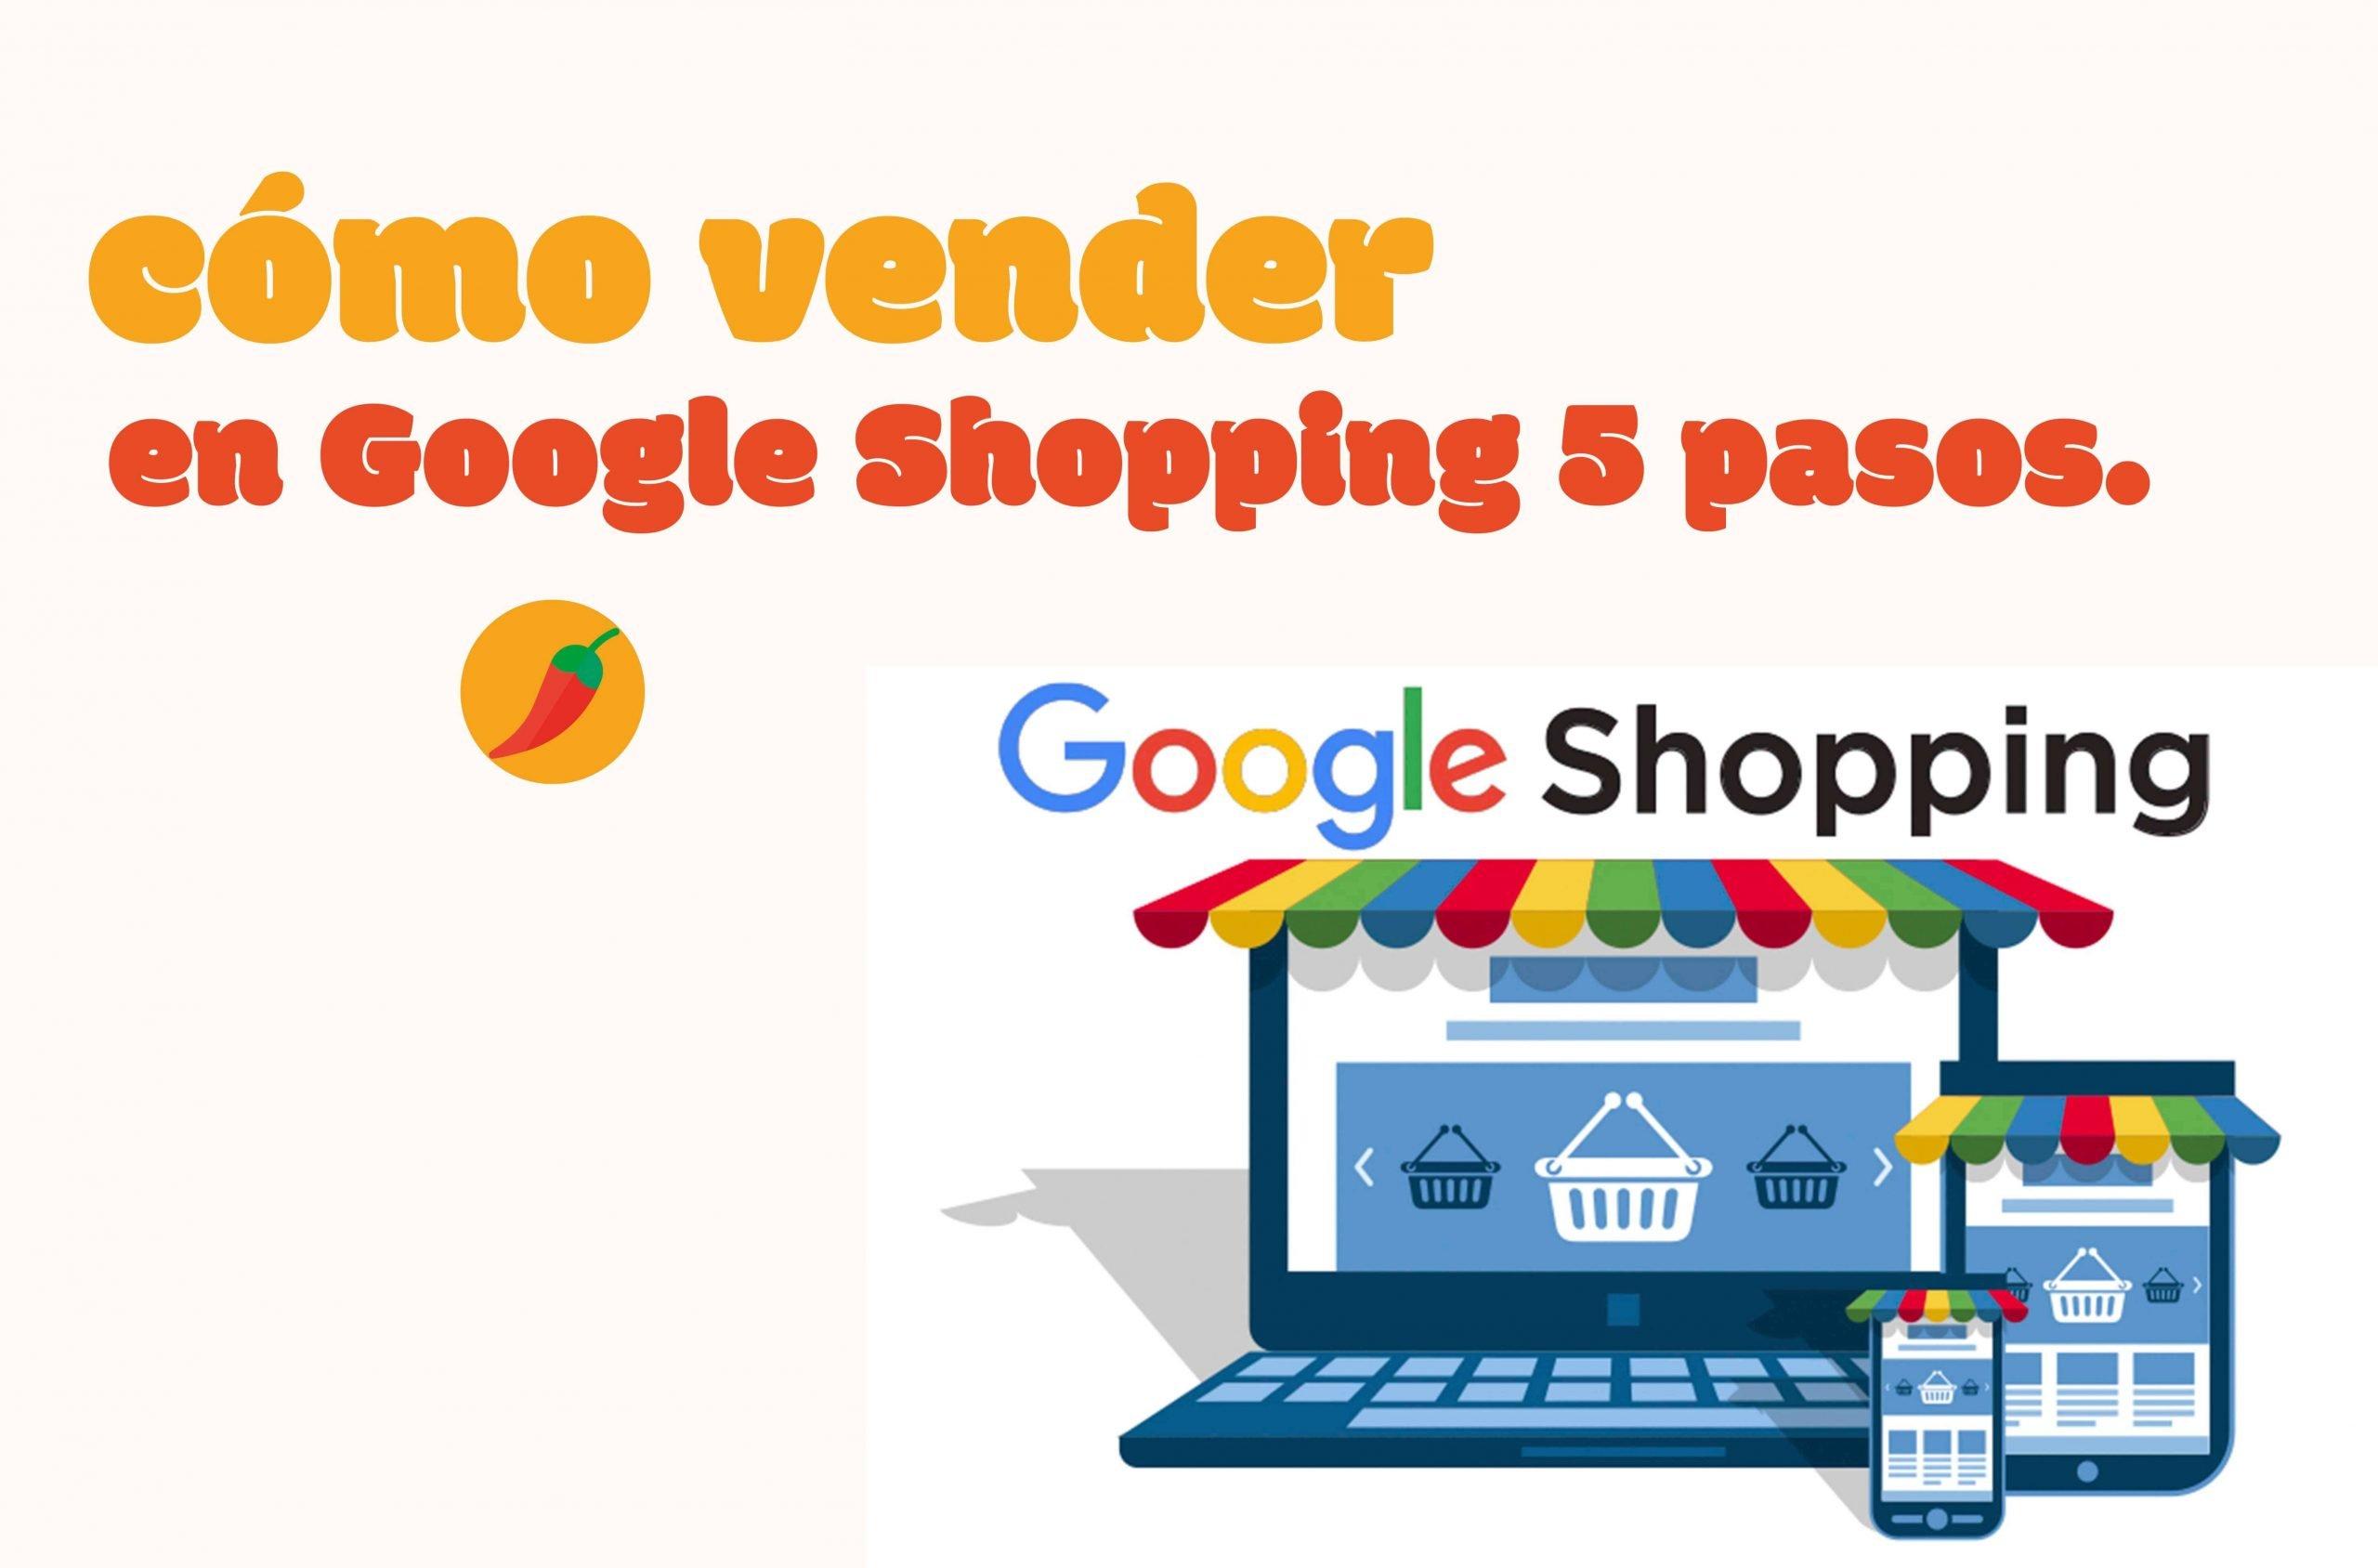 como-vender-en-google-shopping-en-5-pasos-Sweet-Chili-Agencia